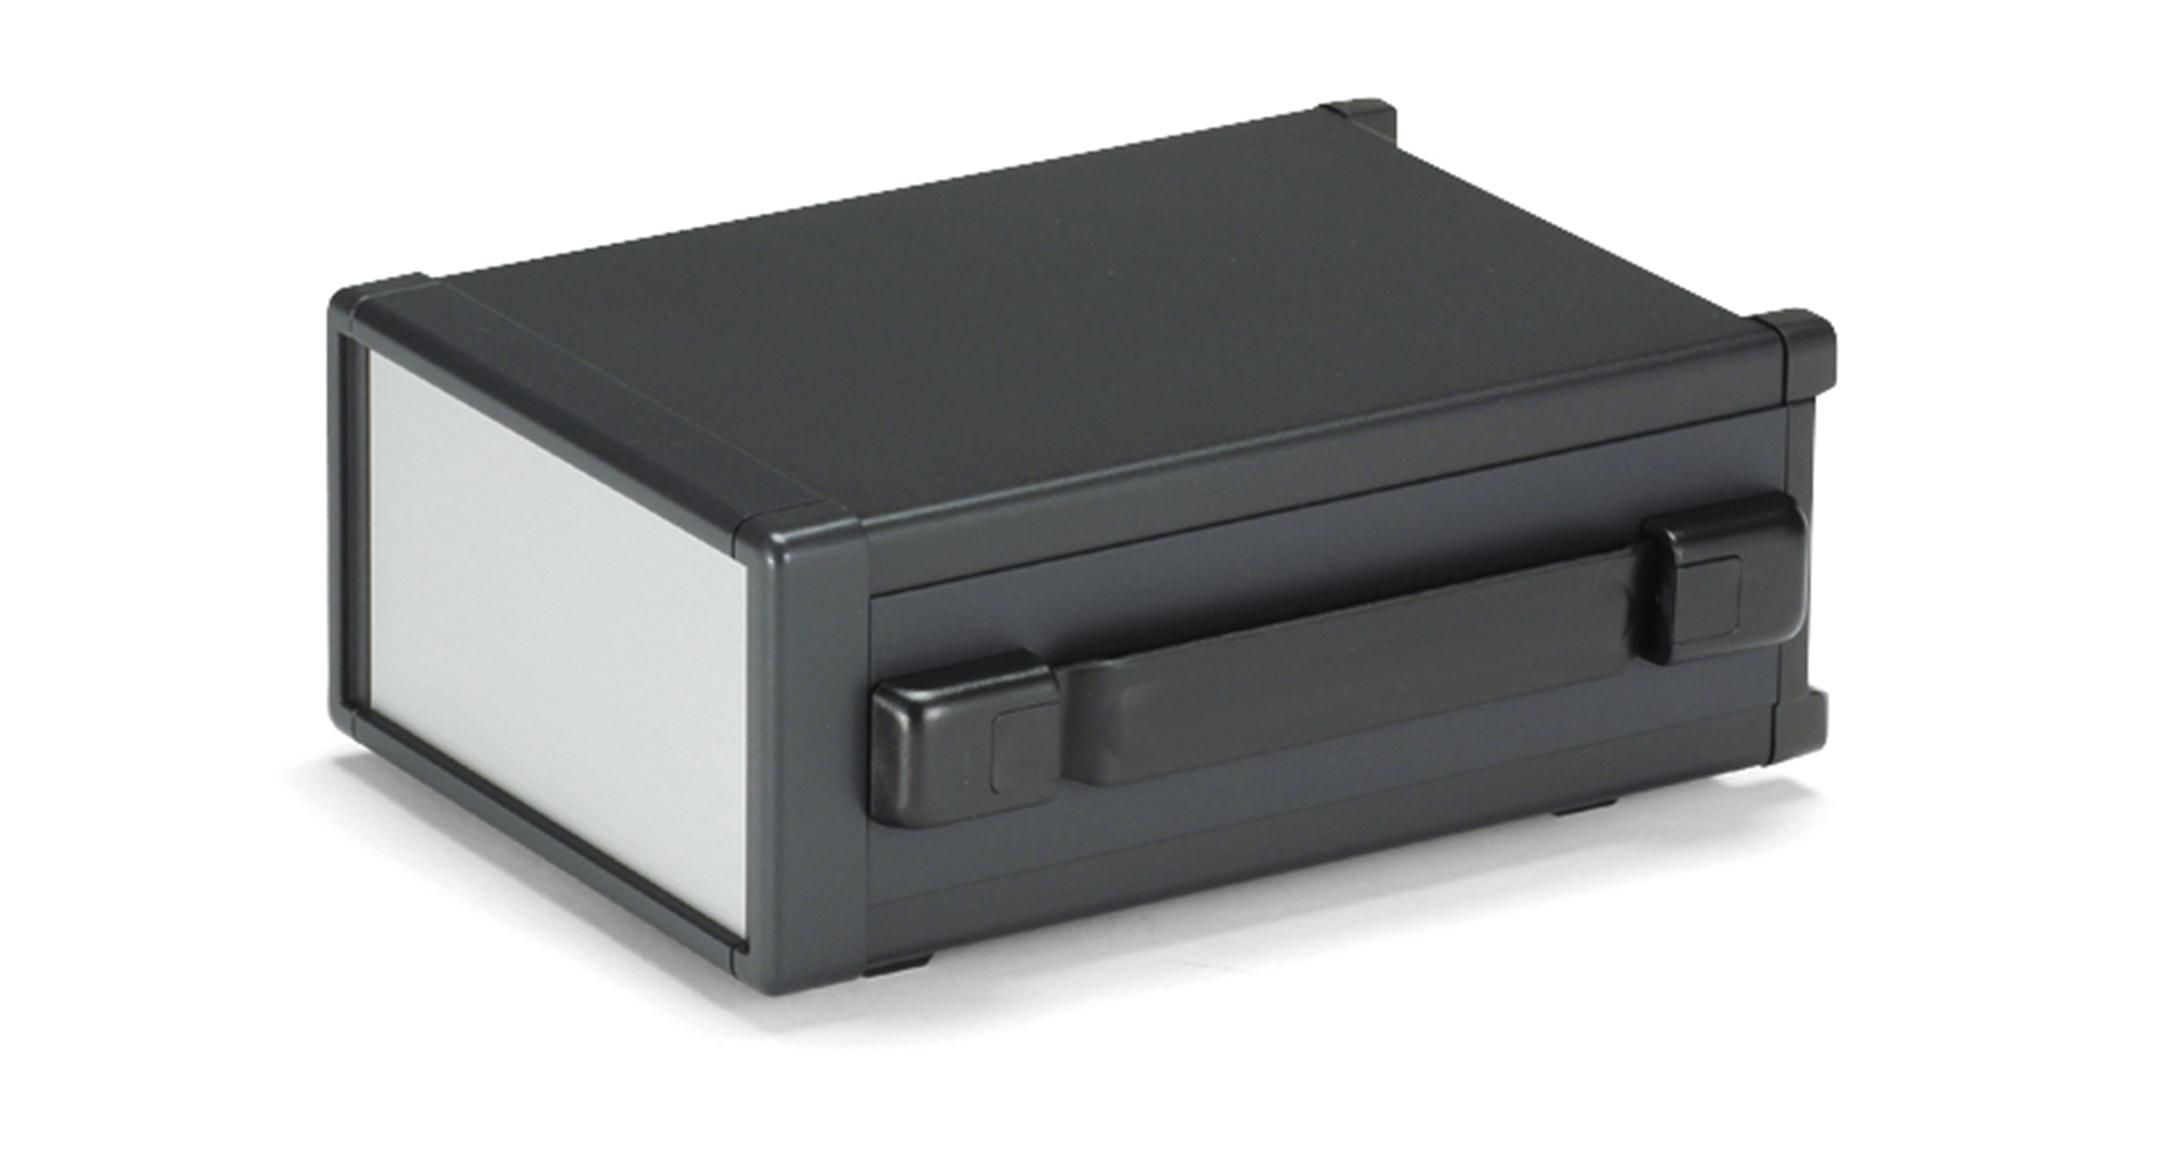 バンド取手付システムケース MSYシリーズ(上下カバー鉄製):ブラック/シルバーの画像